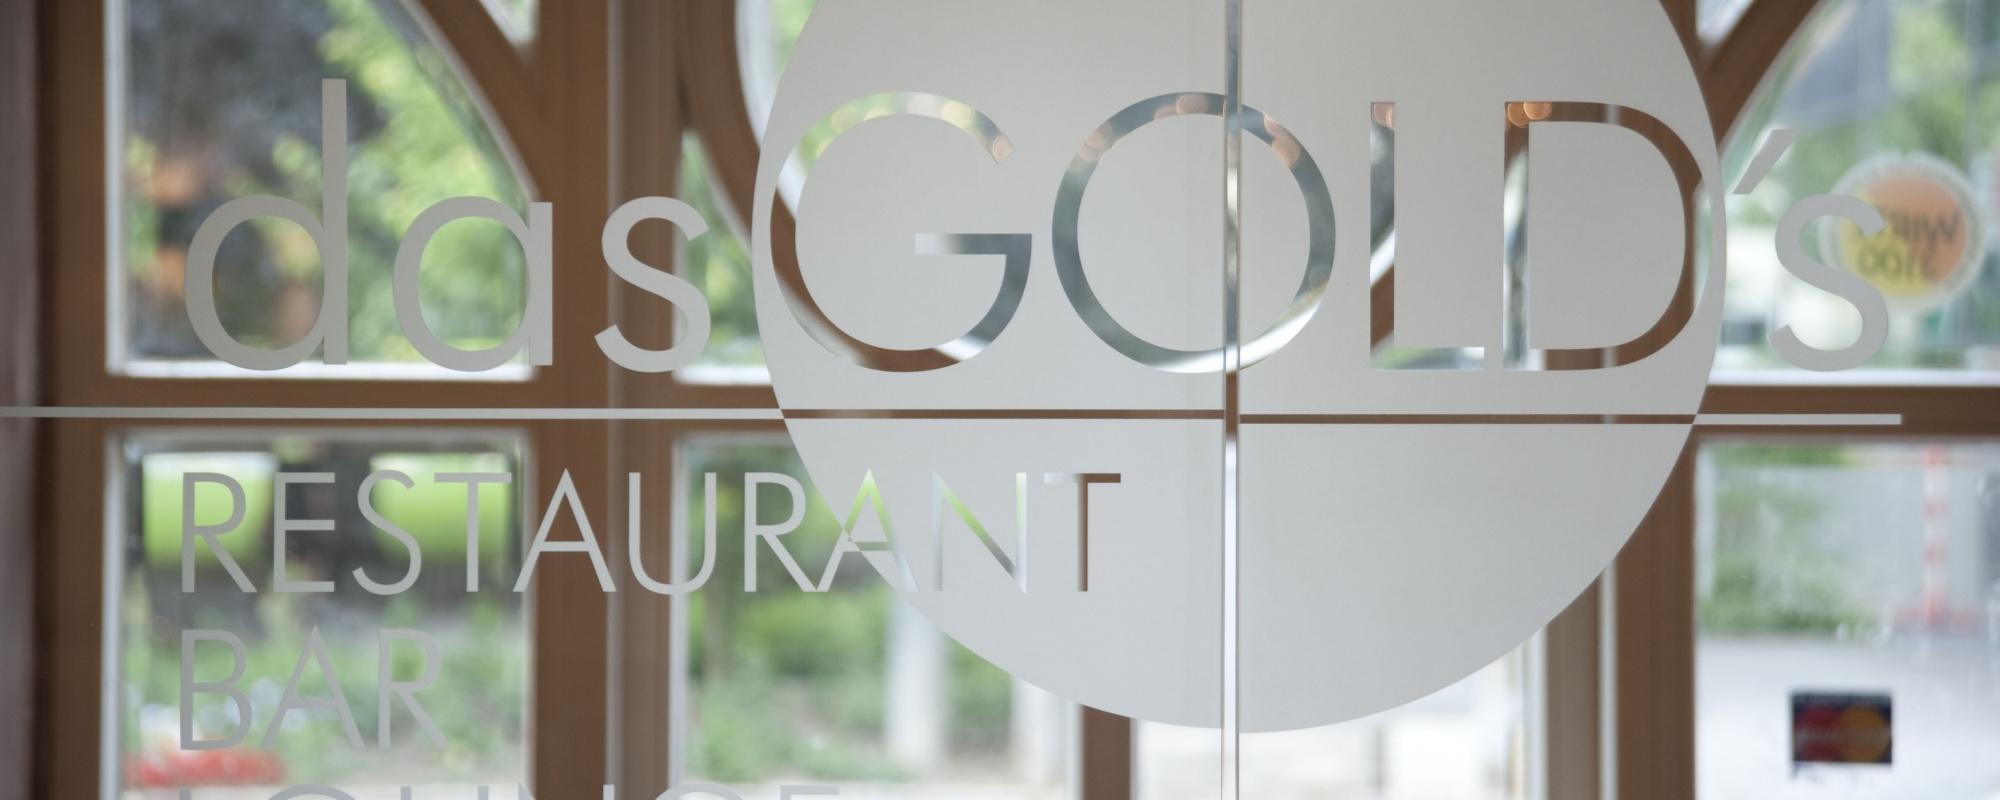 Restaurant <br/>»Das Golds« <br/>in St. Pölten